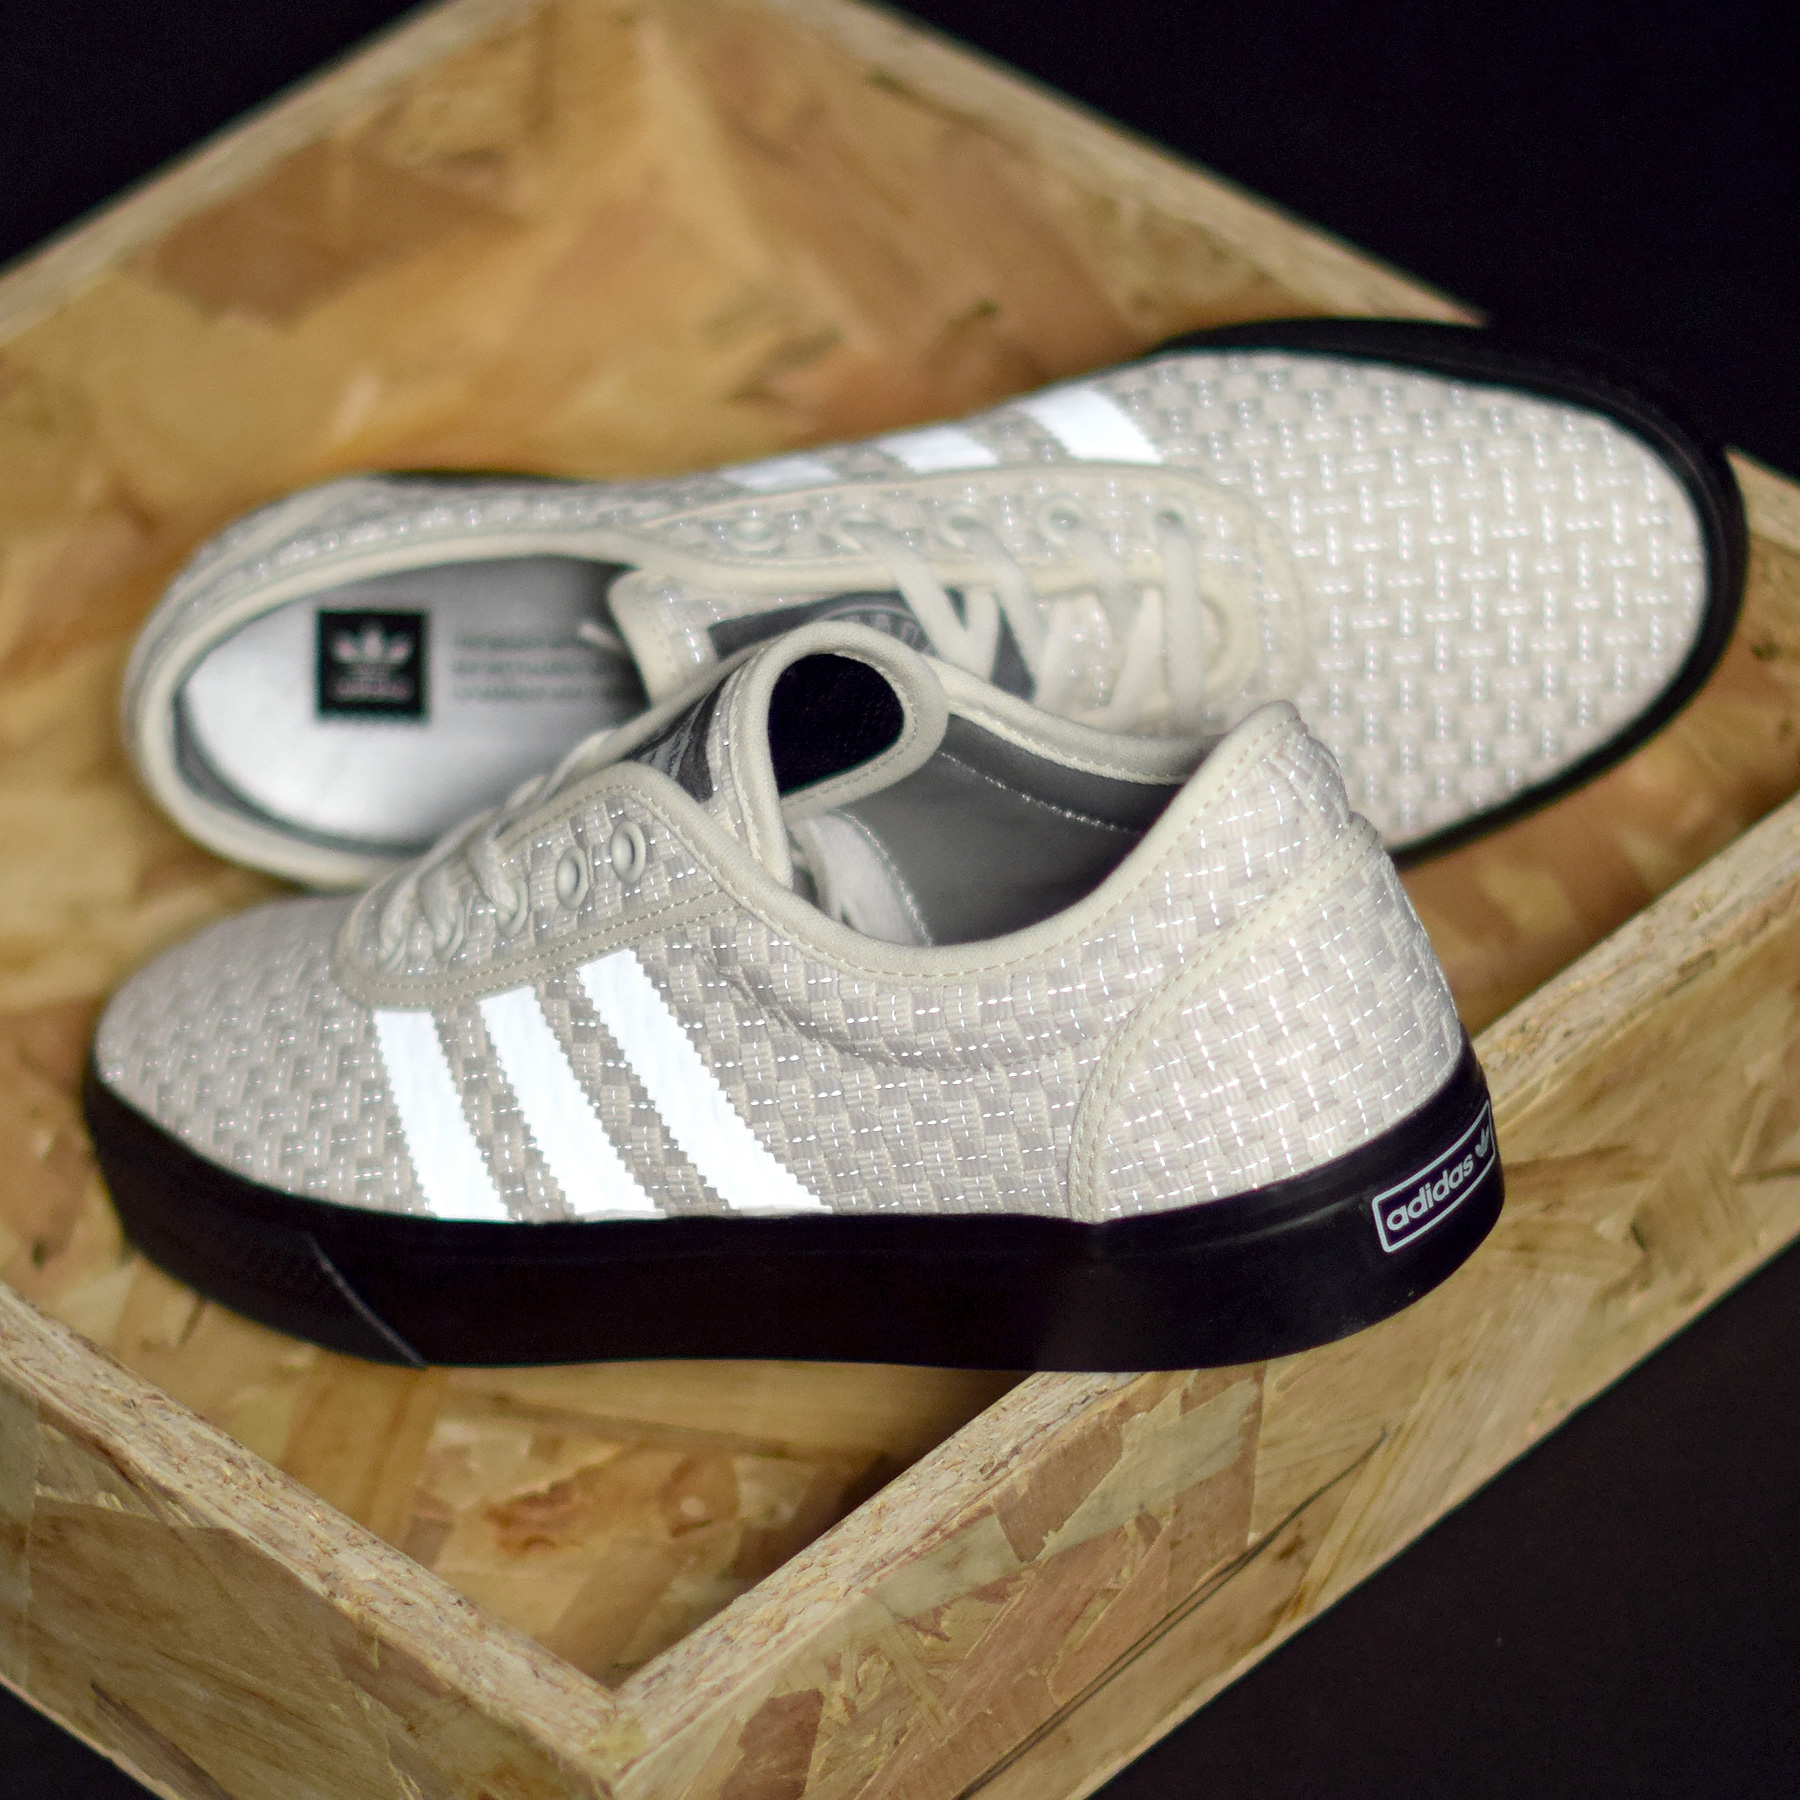 new arrival bc79c f31bf Gasius sattaque à un modèle de la gamme adidas Skateboarding avec cette Gasius  x adidas Adi Ease.